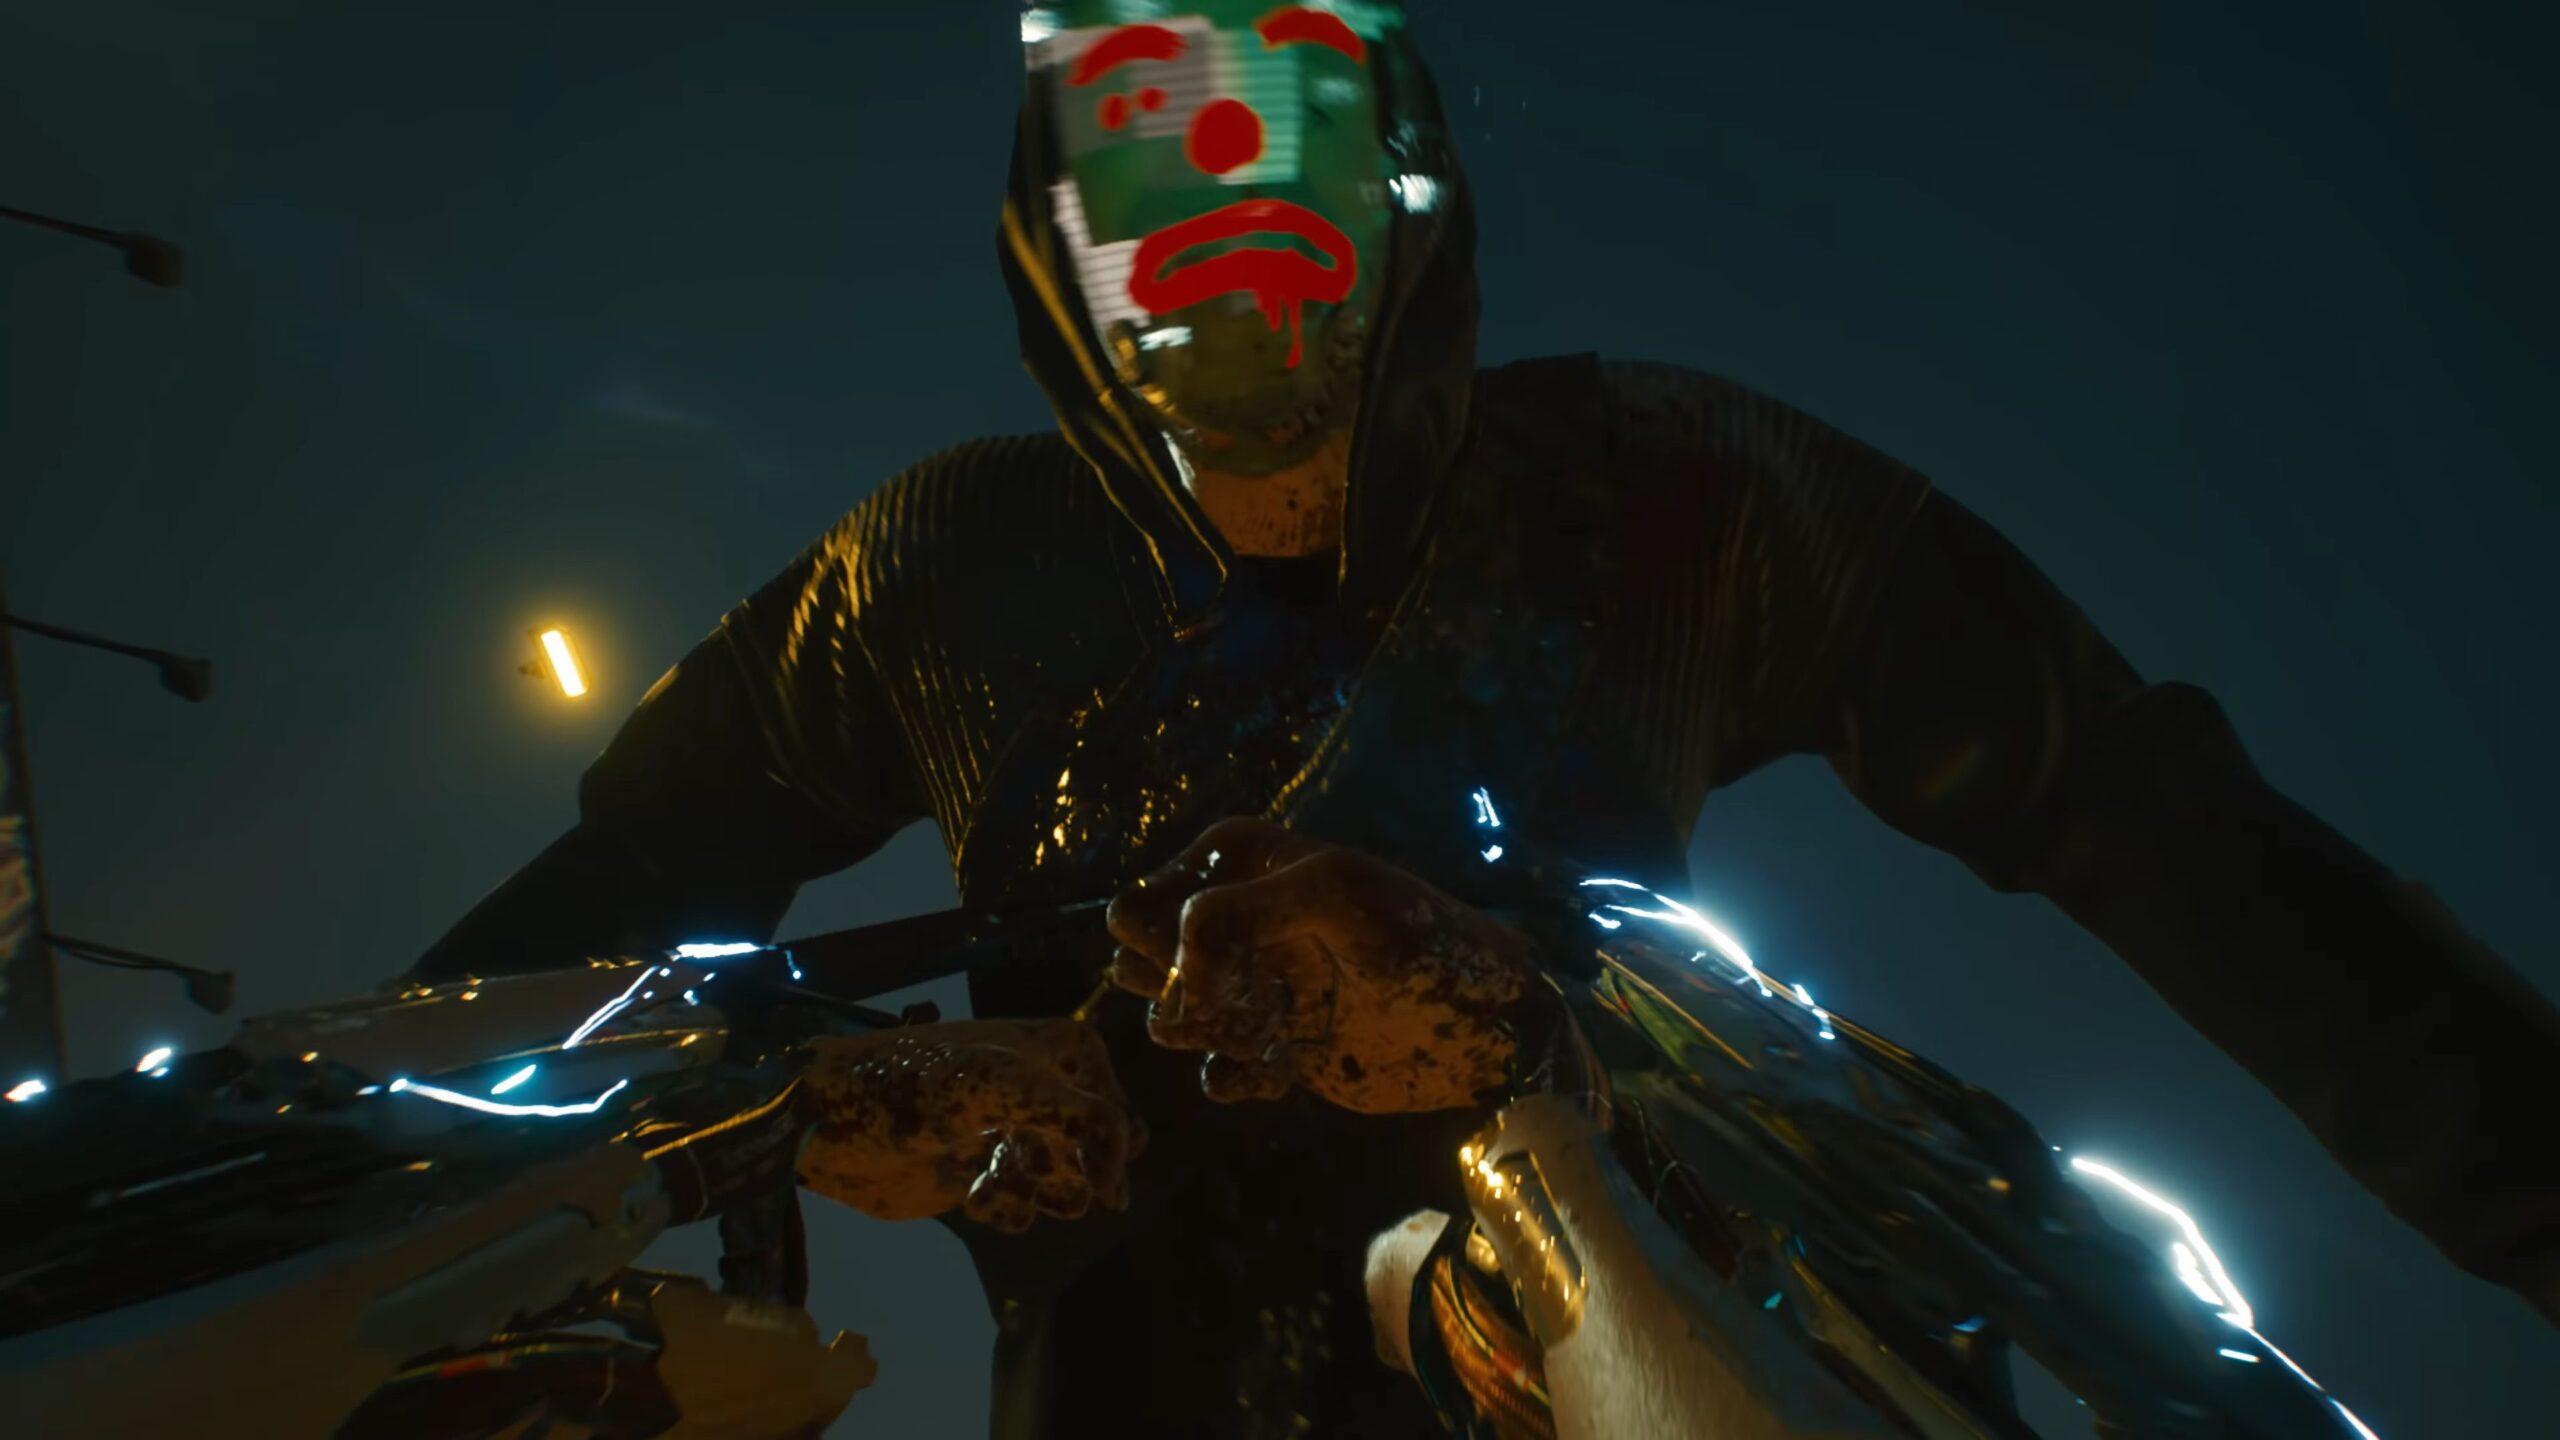 Cyberpunk 2077 Mantis Blades Attack